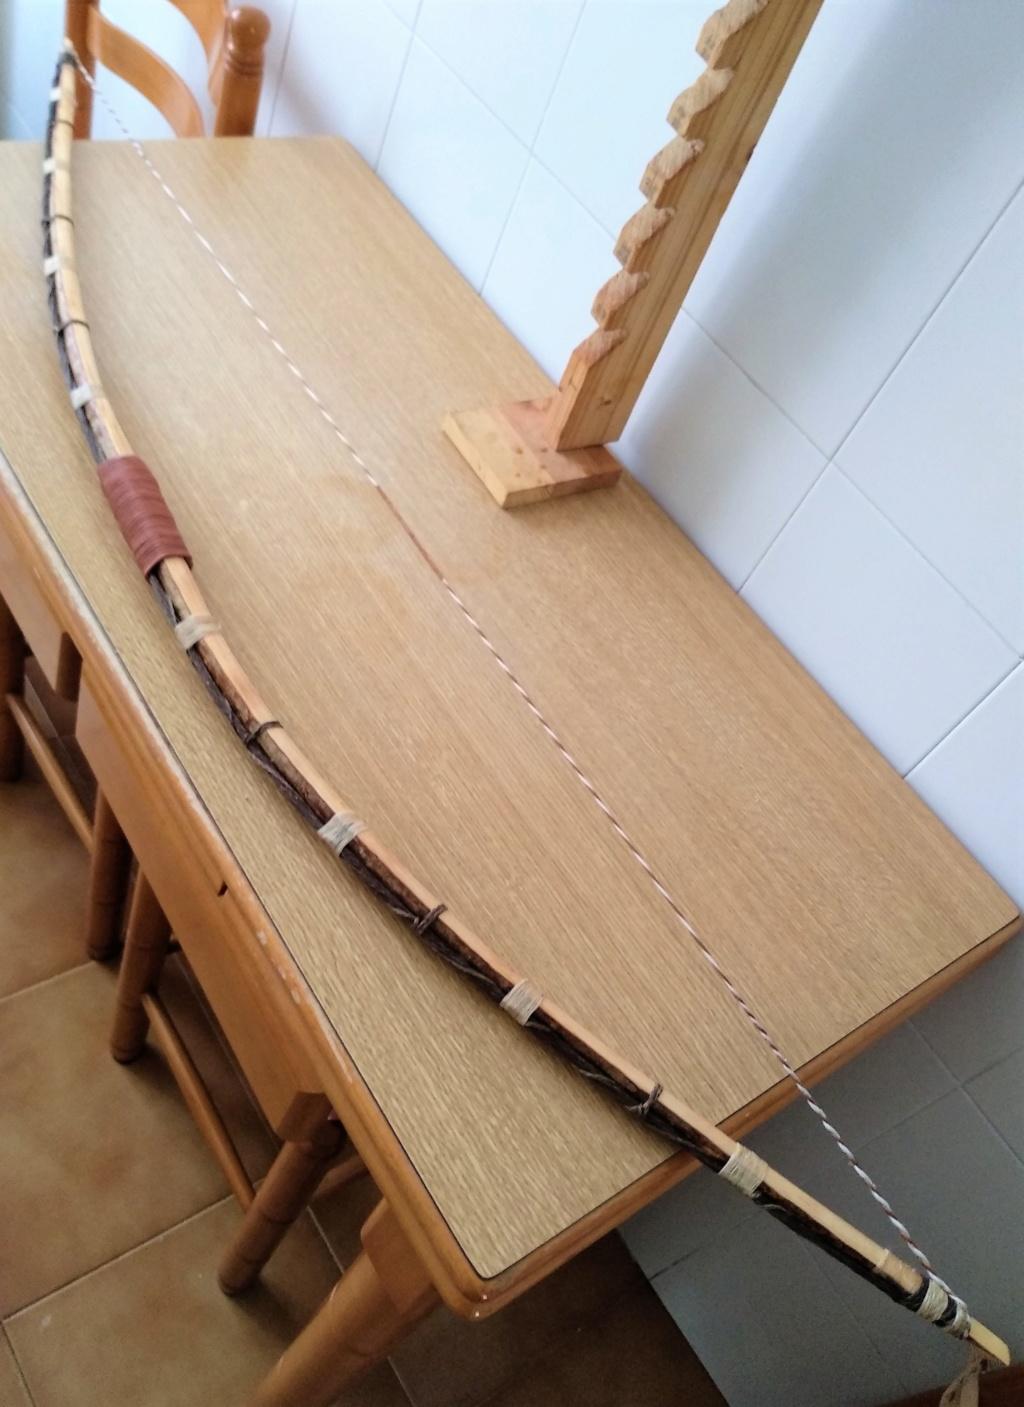 Longbow de avellano Img_2115